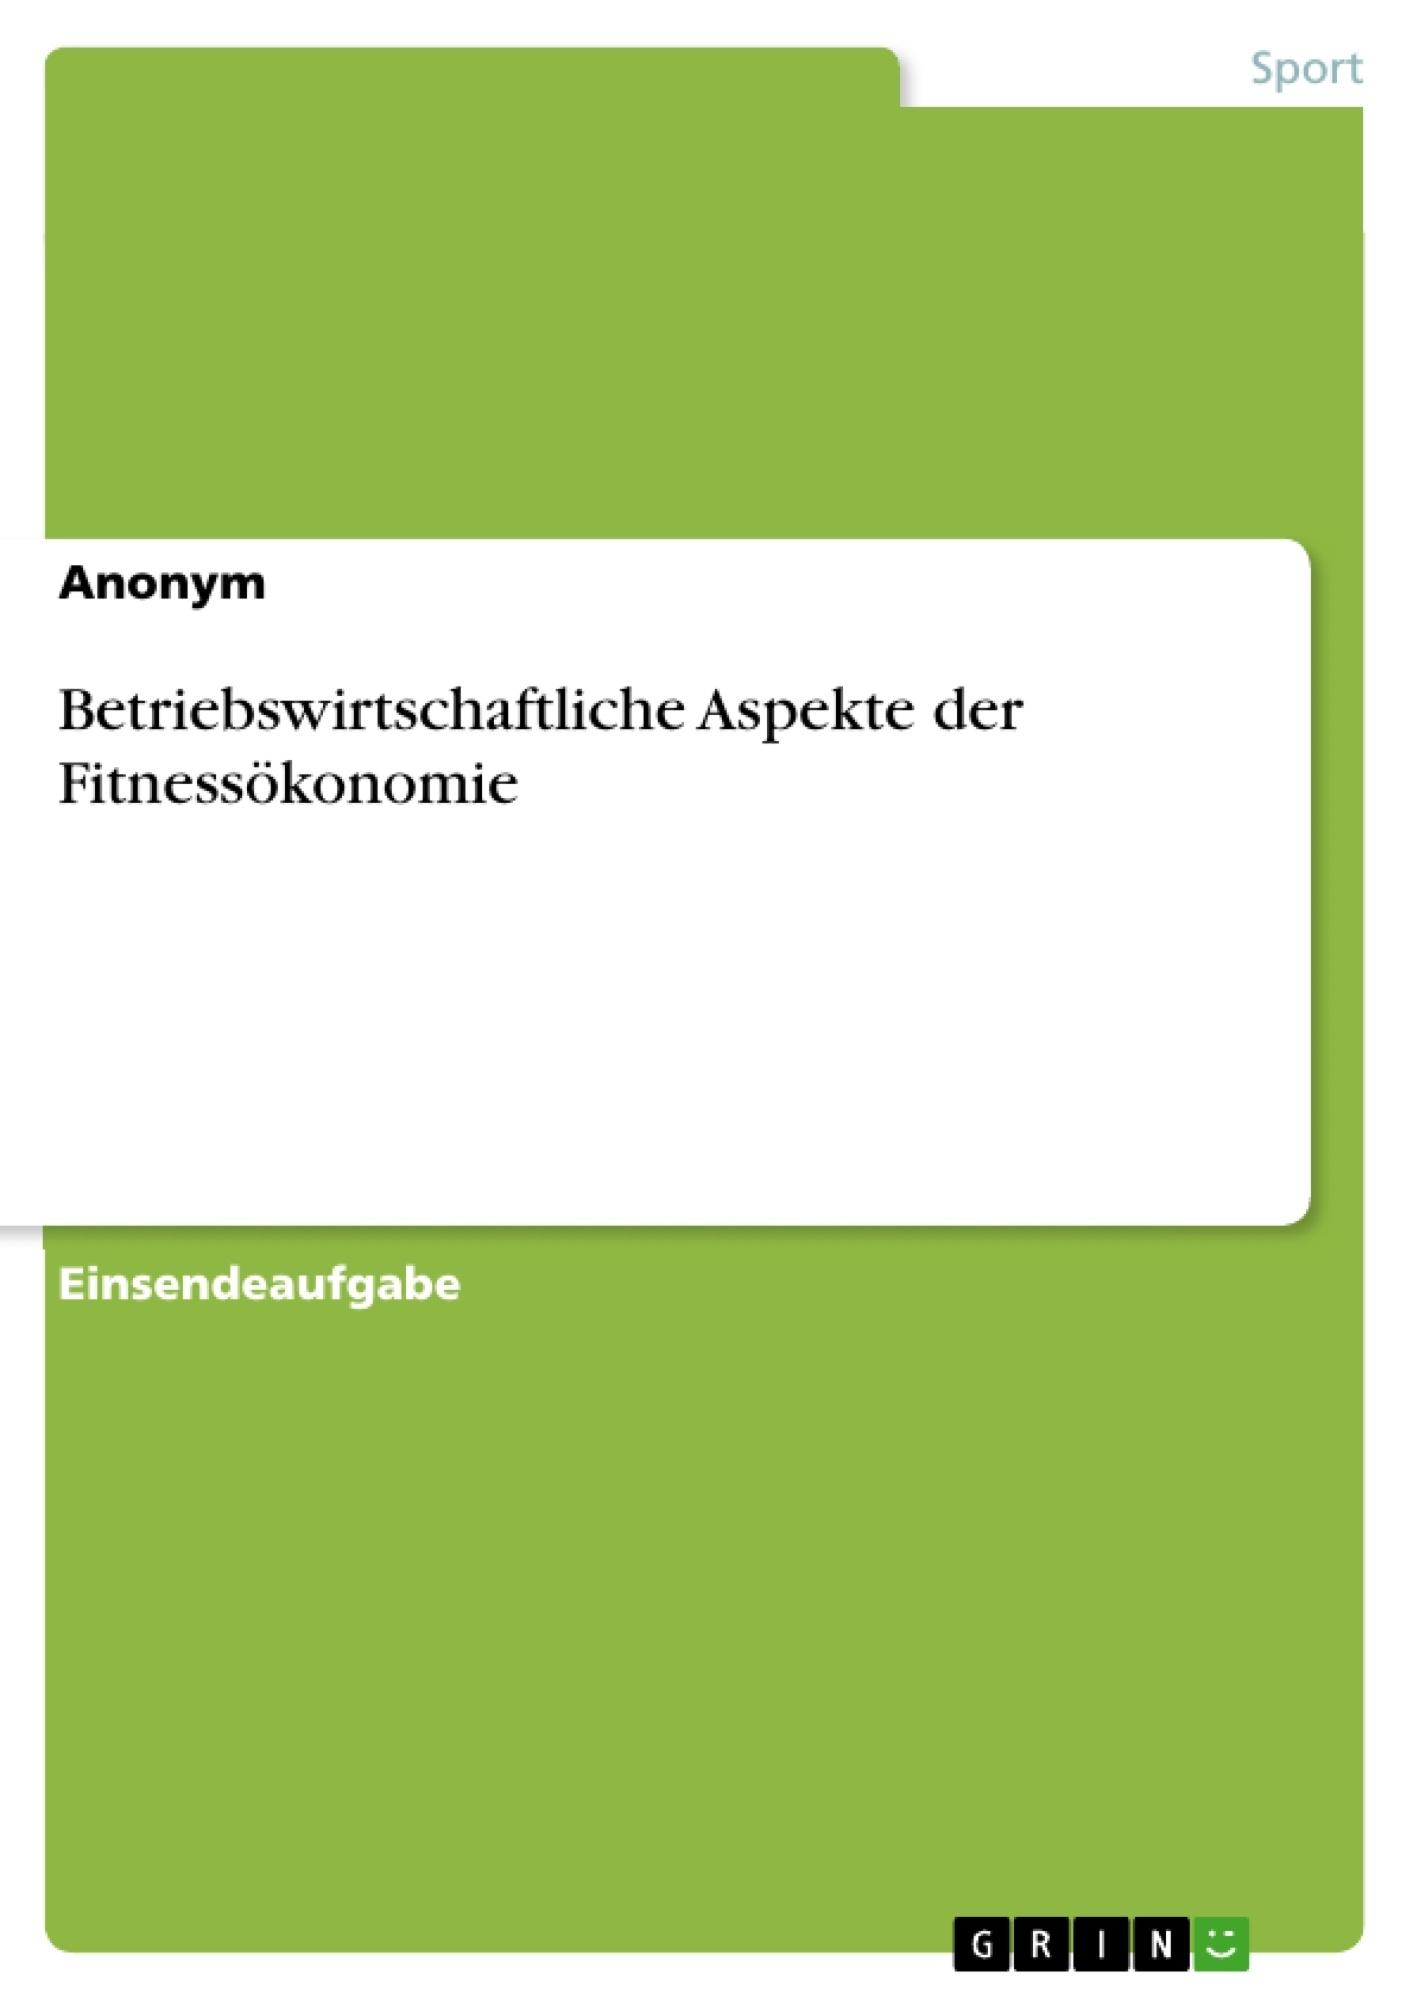 Titel: Betriebswirtschaftliche Aspekte der Fitnessökonomie